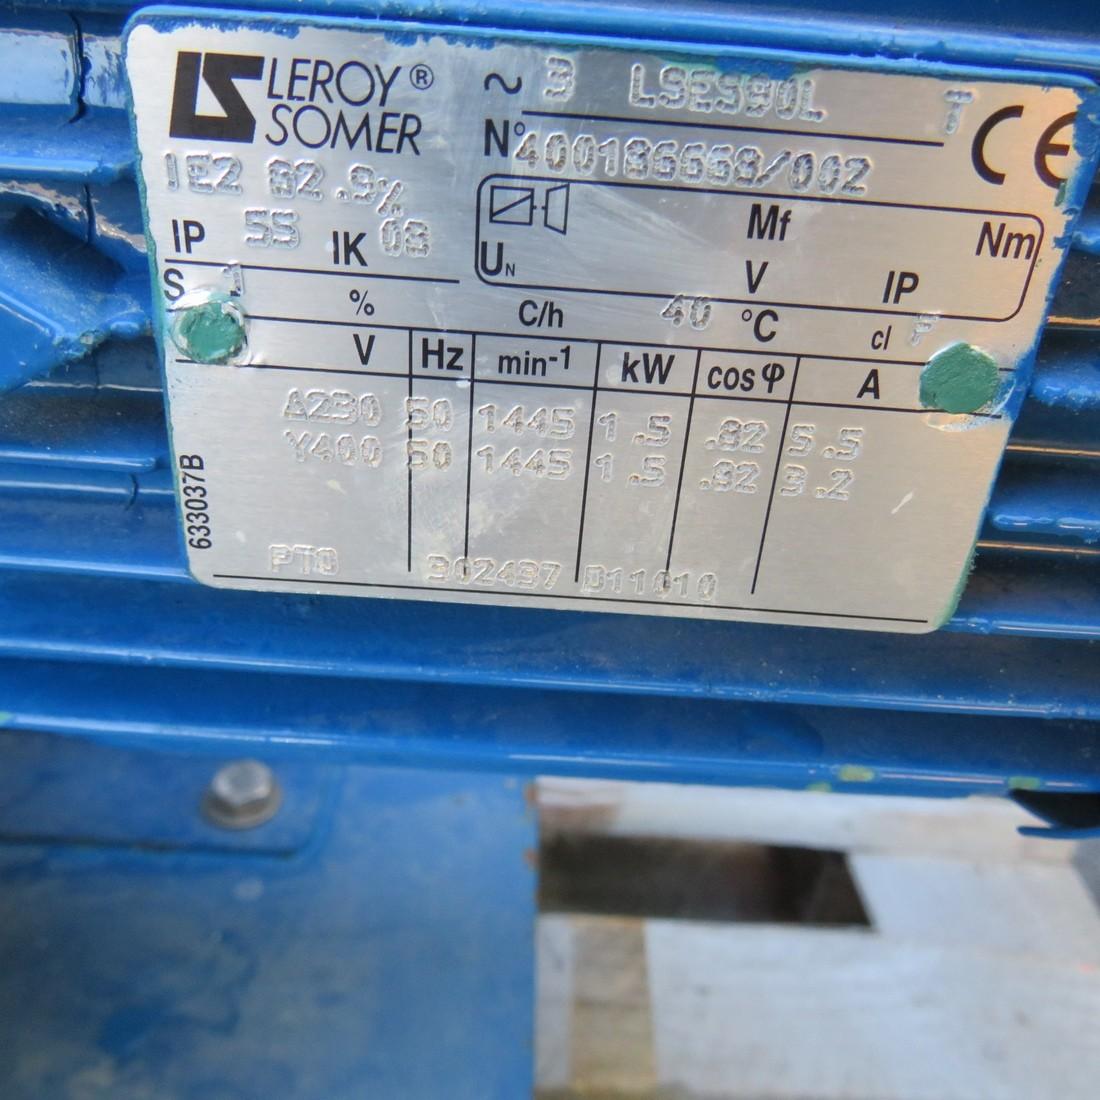 R10DC875  PCM Peristaltic pump - Type DL25 - Hp2